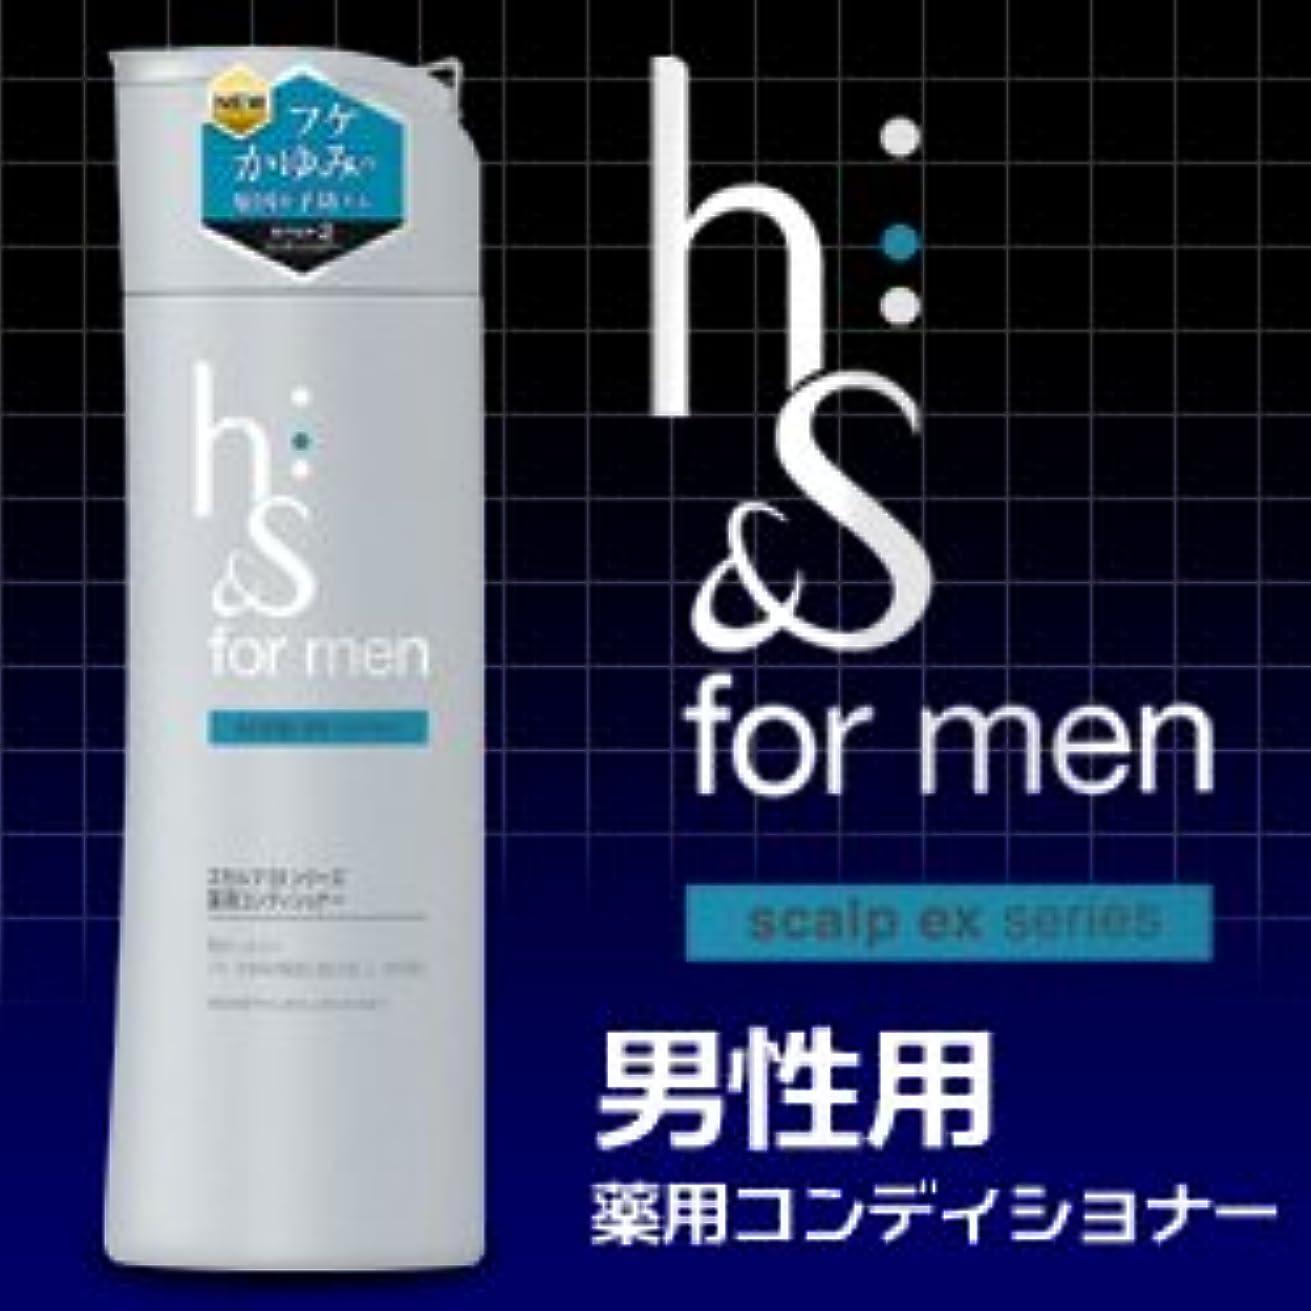 つまらない生むスピーチ【P&G】  男のヘッドスパ 【h&s for men】 スカルプEX 薬用コンディショナー 本体 200g ×20個セット